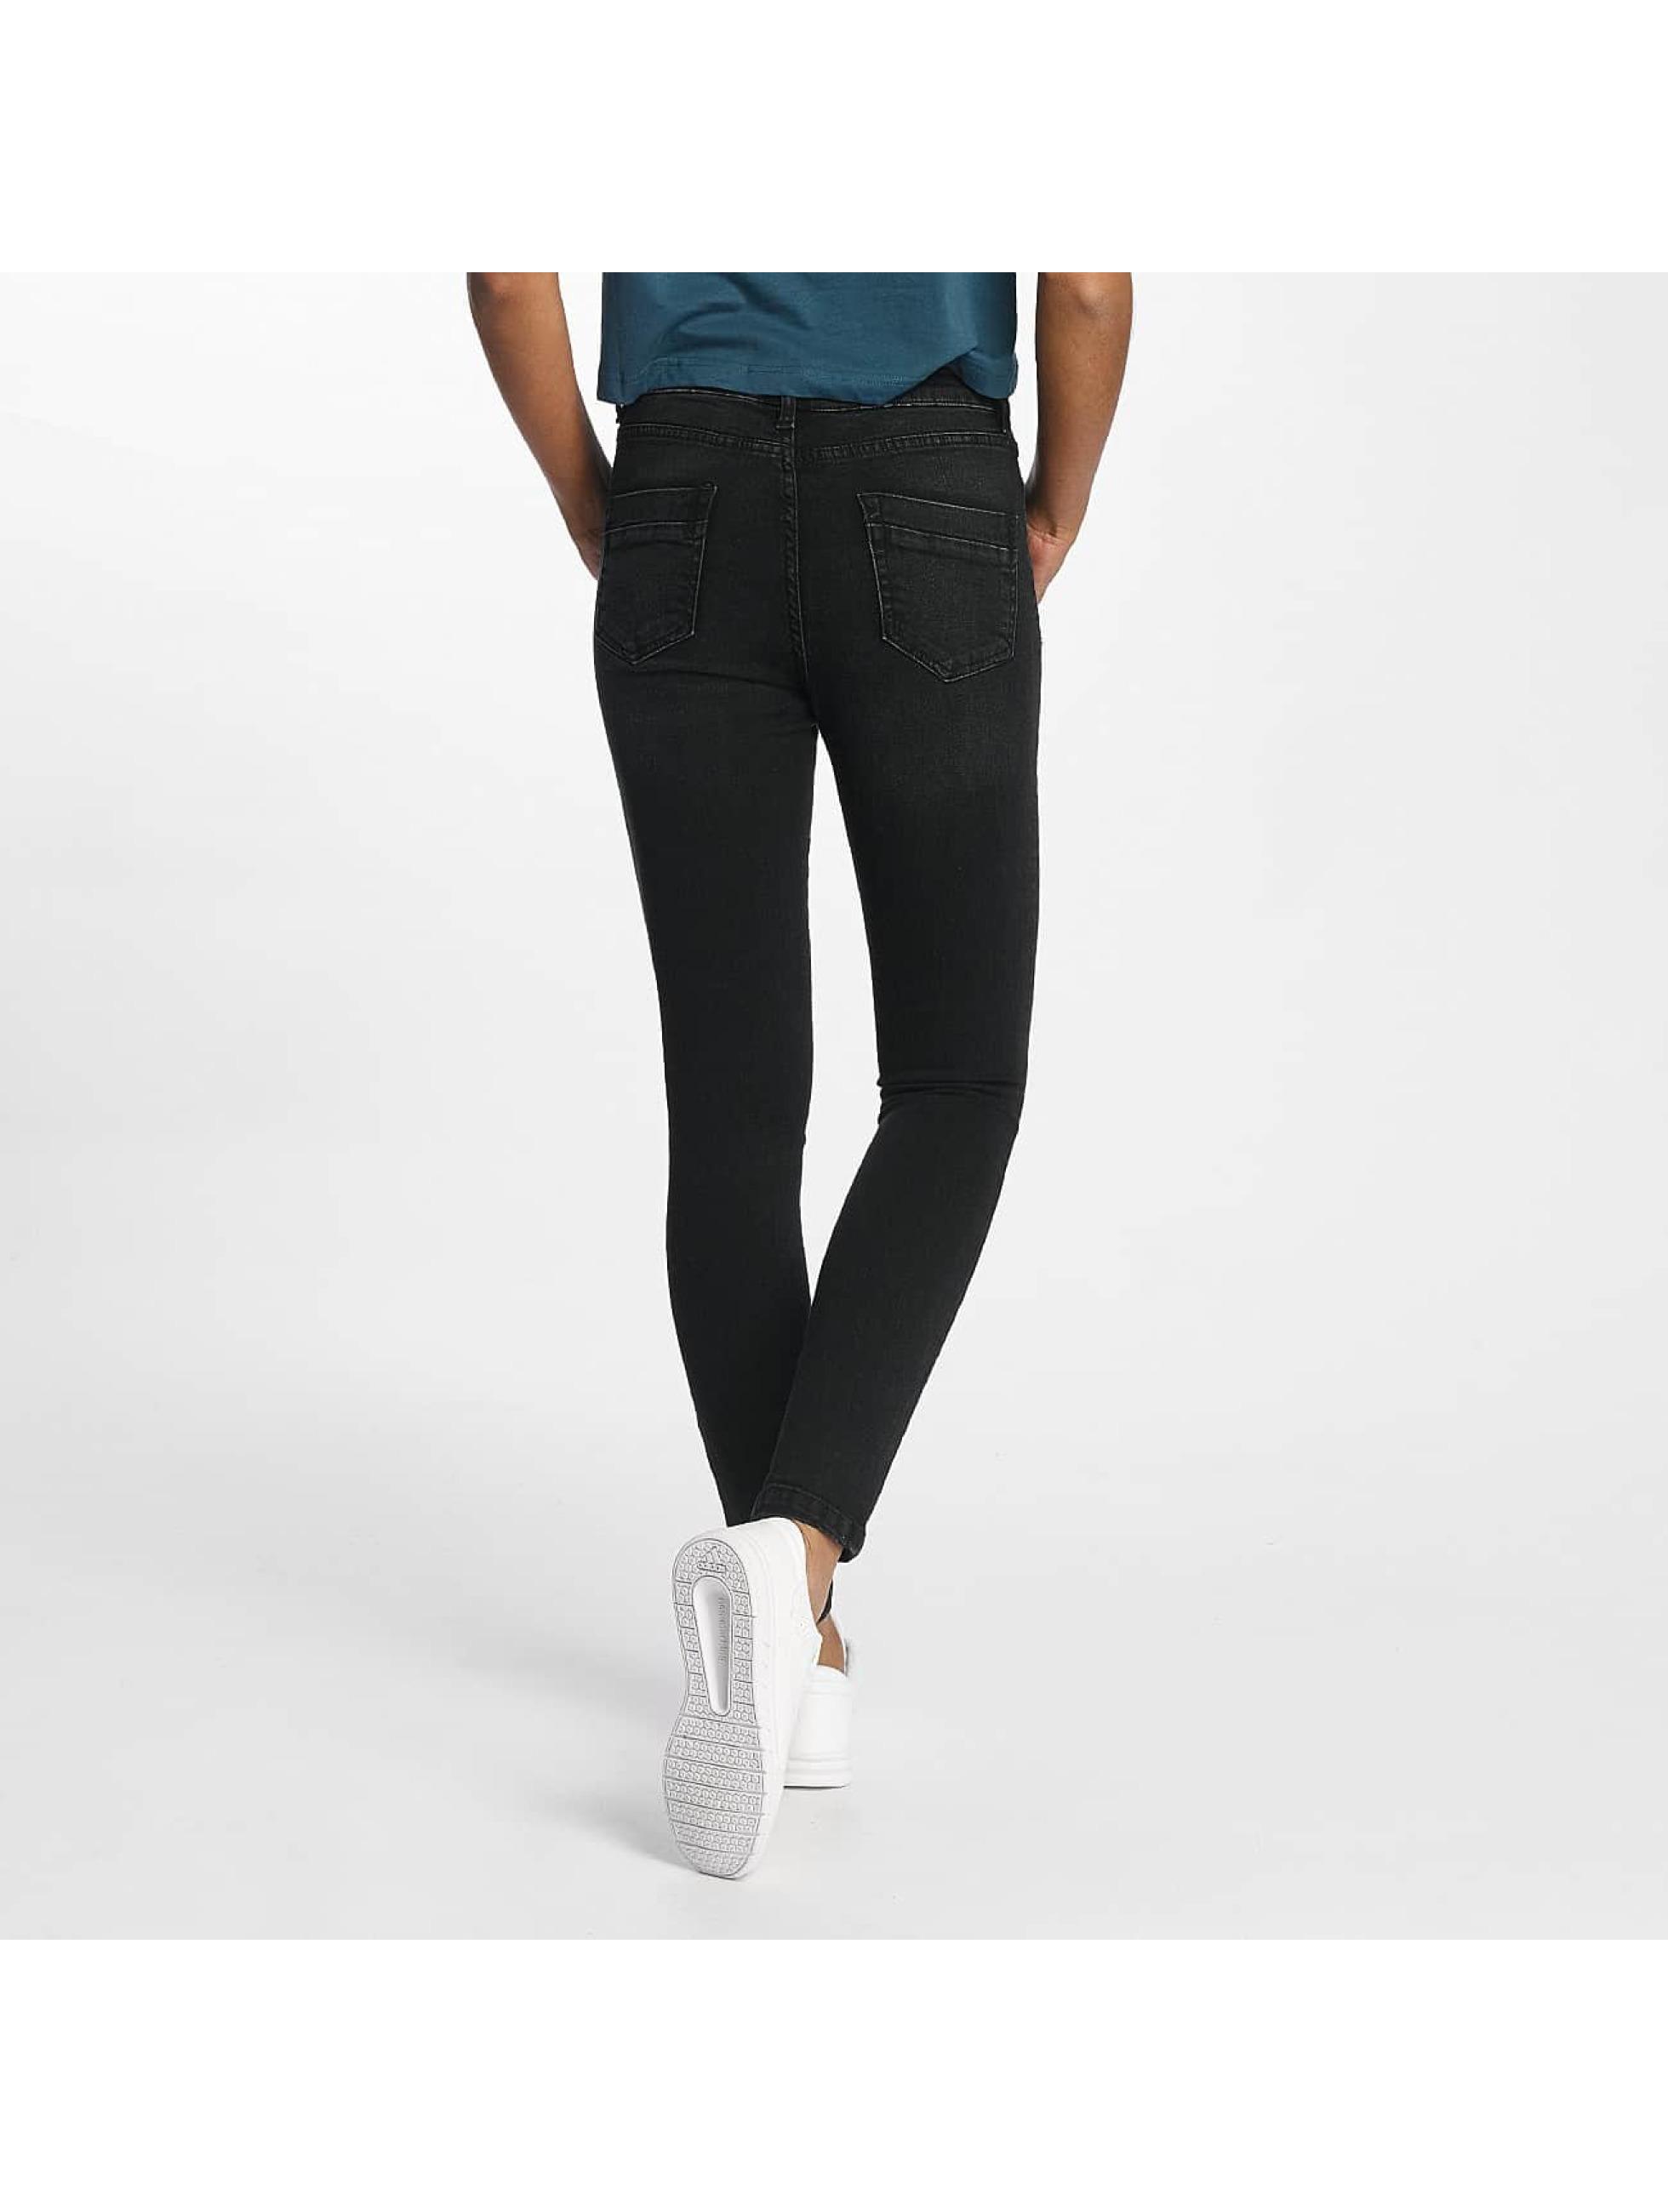 Urban Classics Skinny Jeans Skinny Denim schwarz